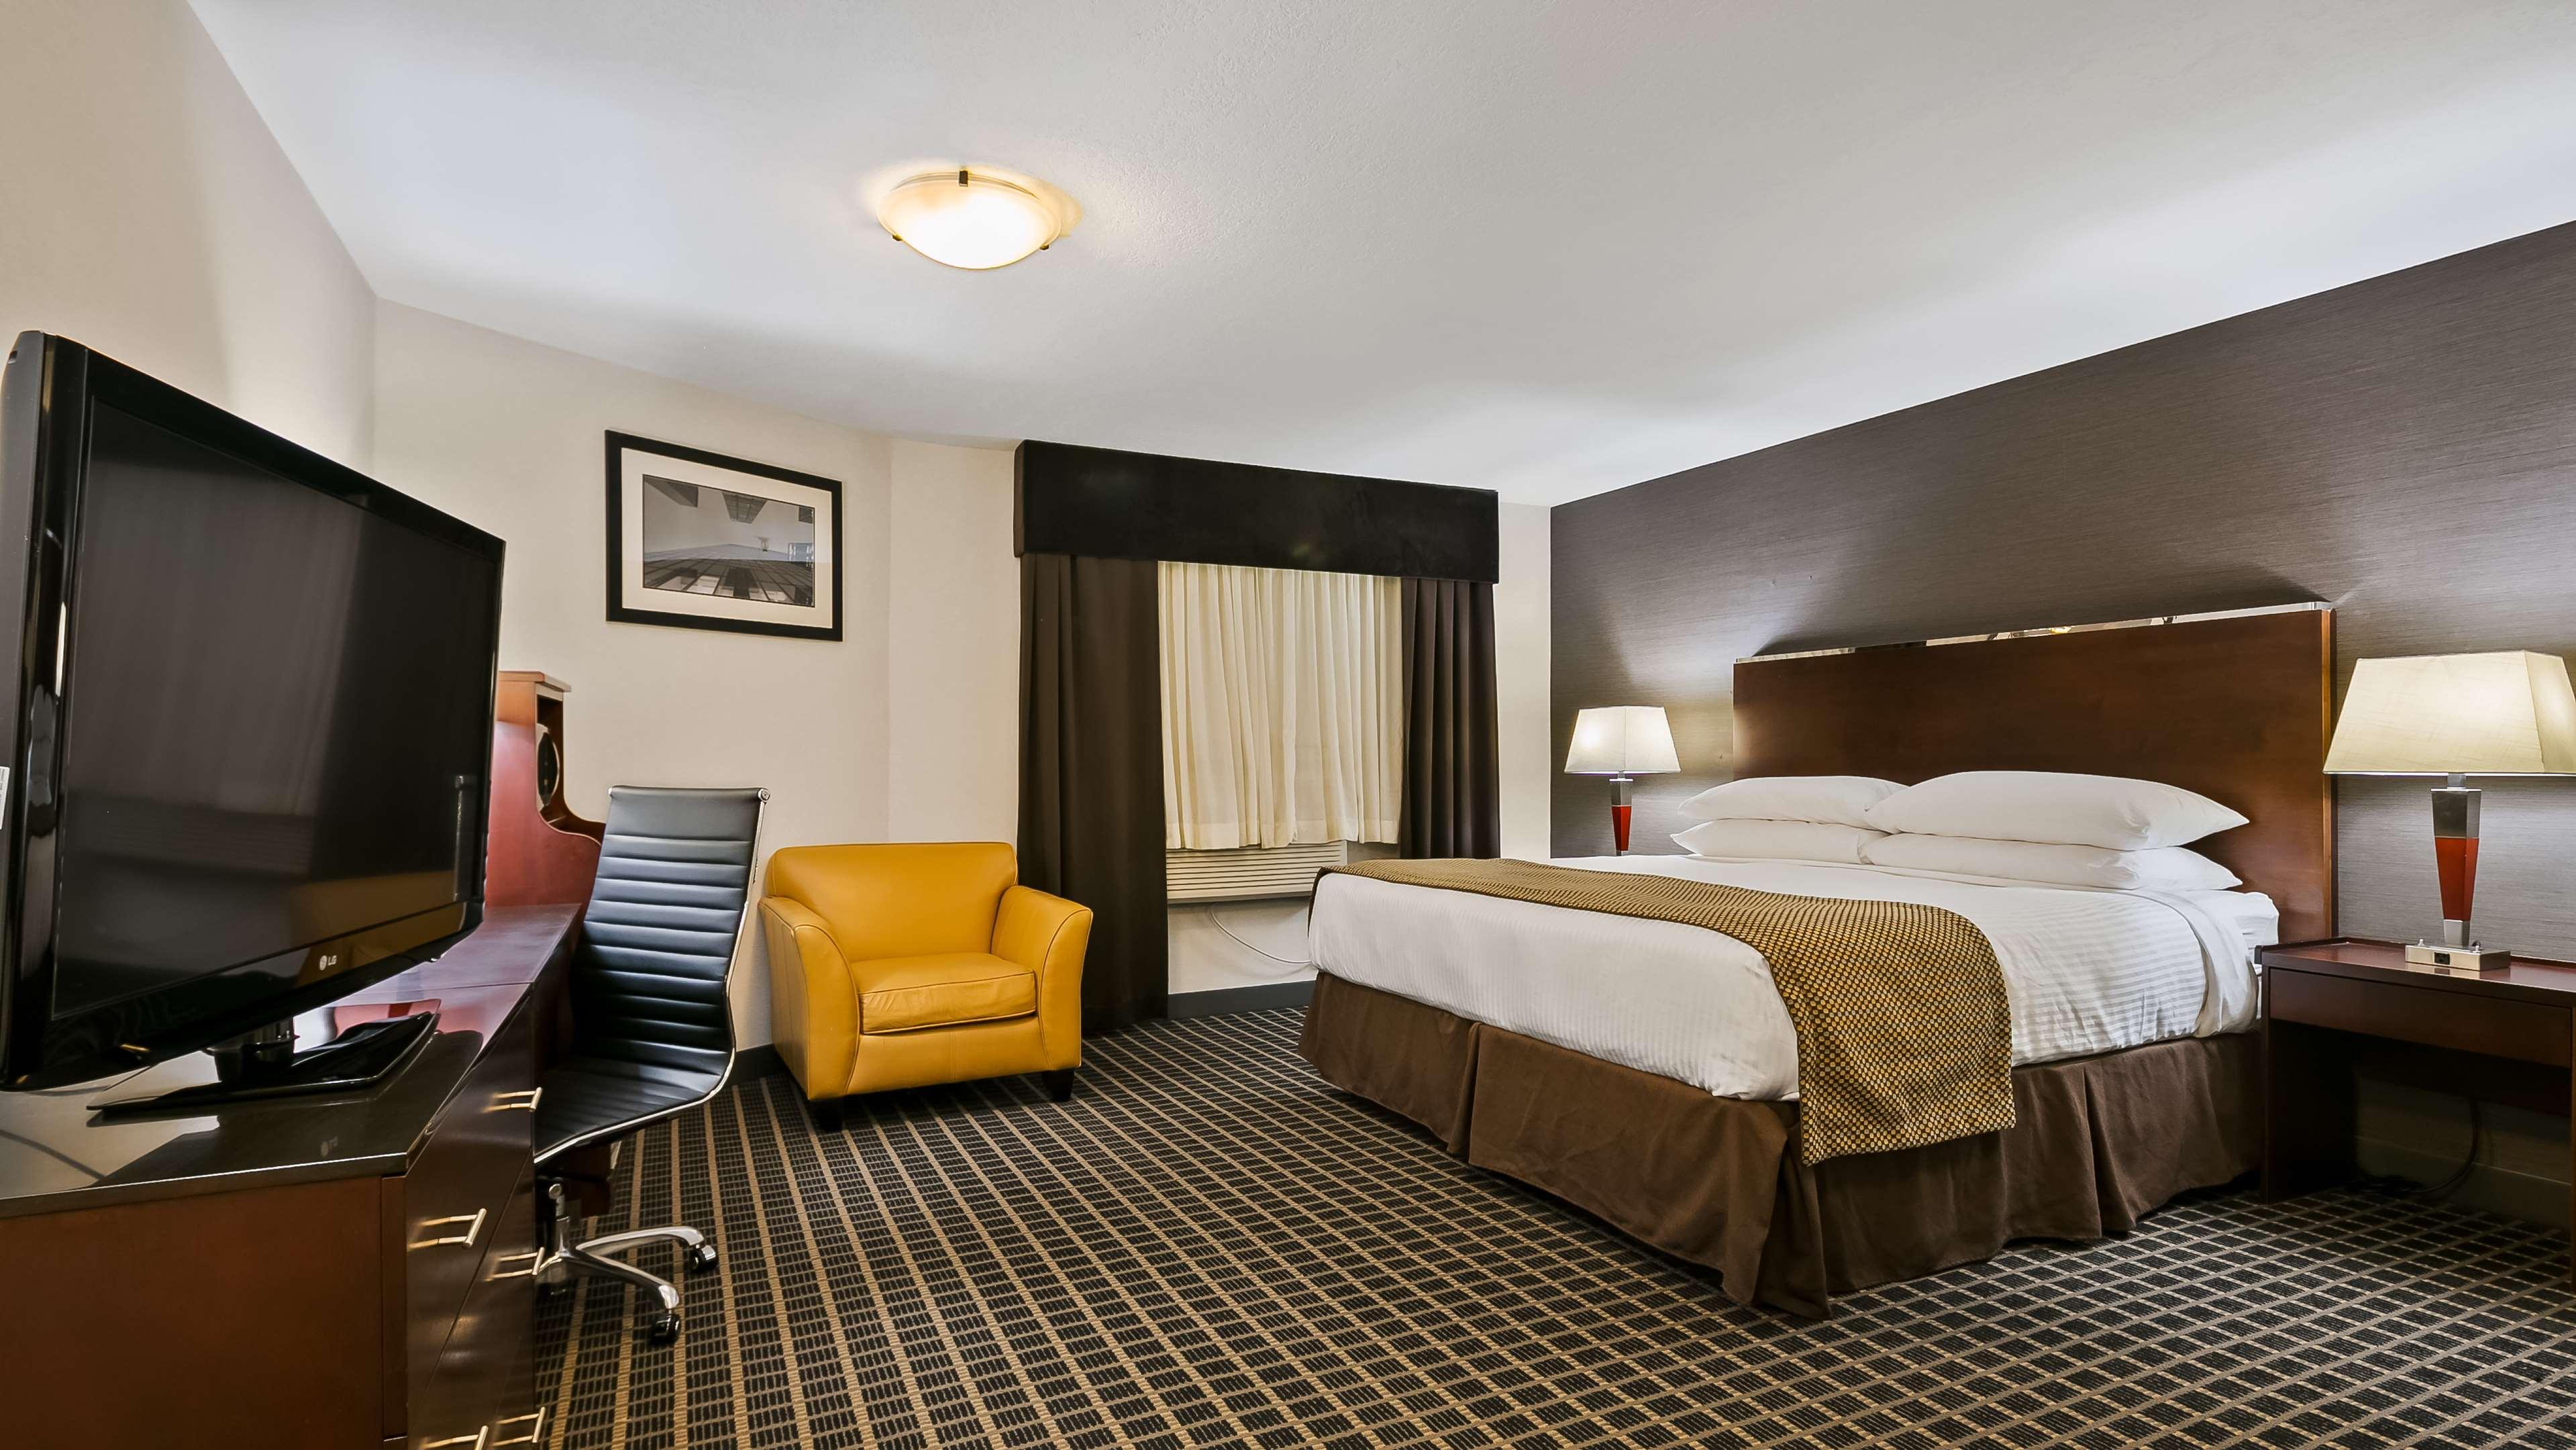 Best Western Airport Inn in Calgary: Guest Room